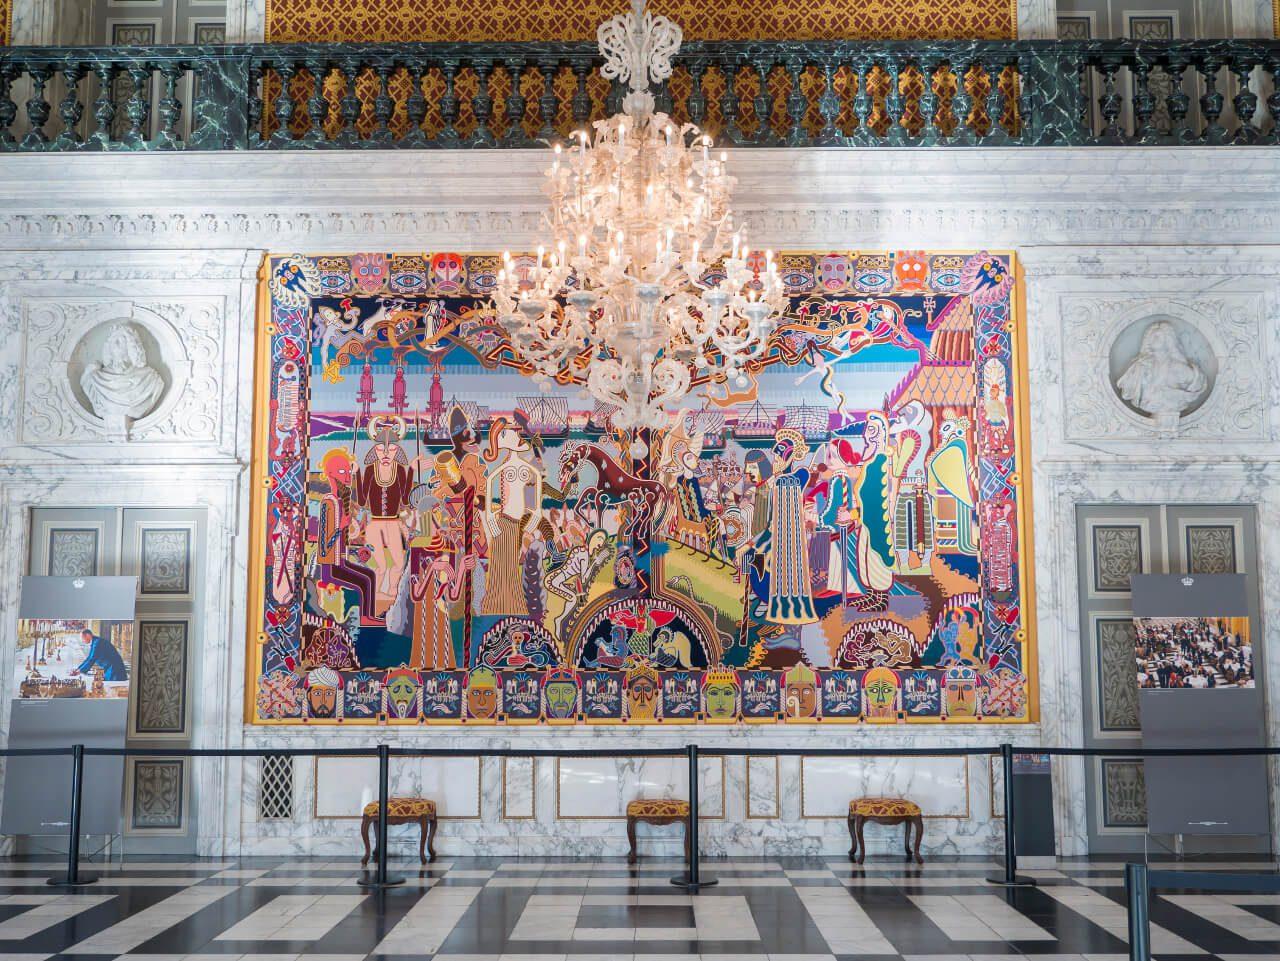 Wnętrze komnat królewskich w pałacu Christiansborg